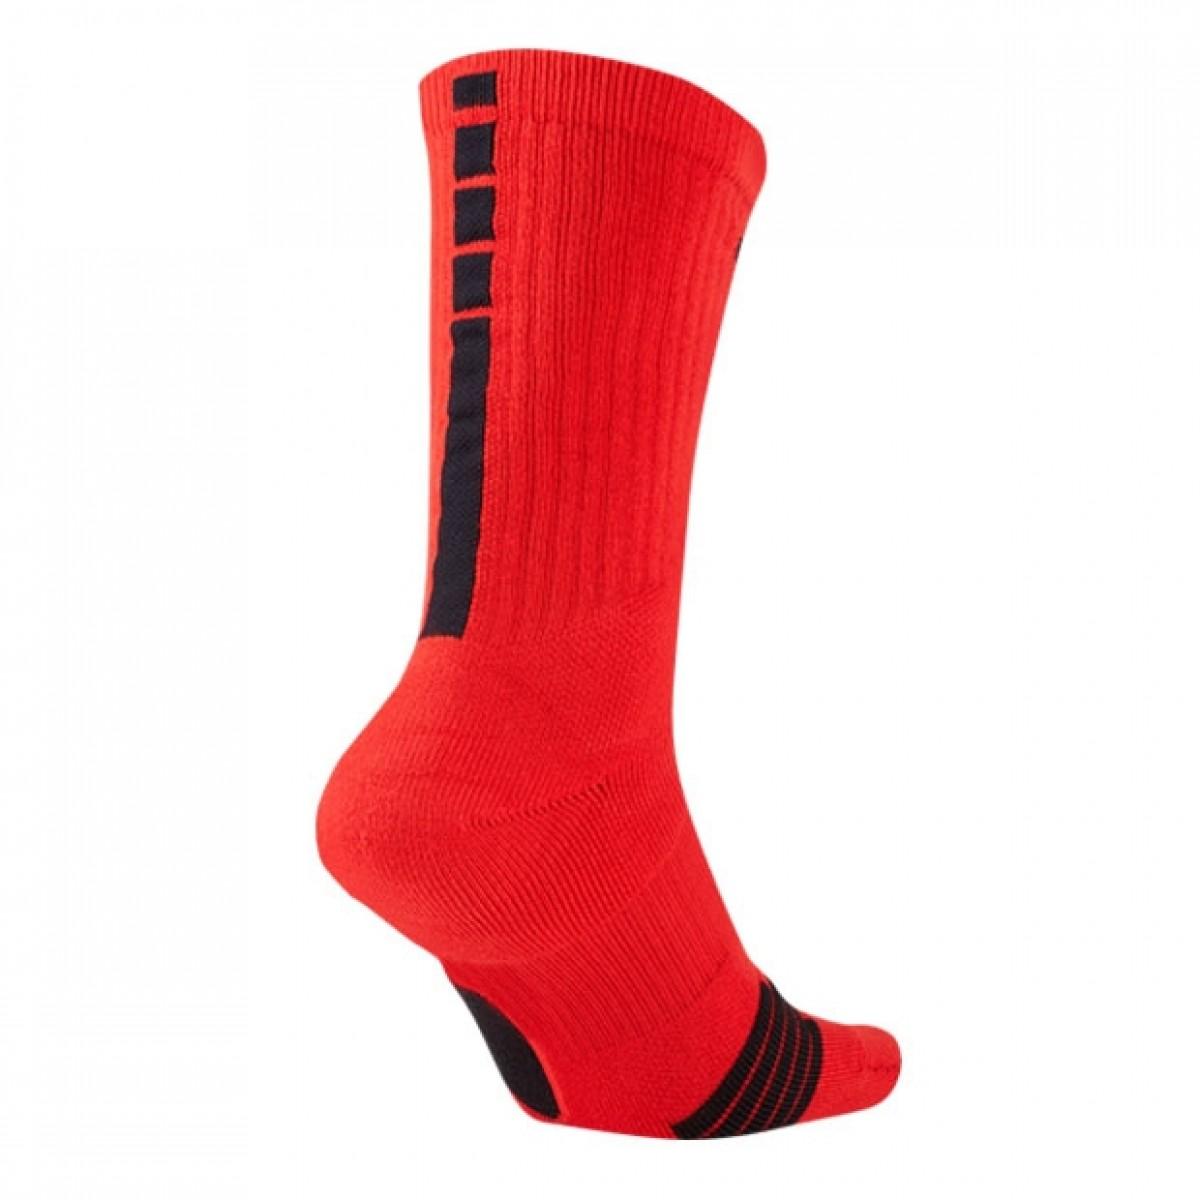 Nike Elite Crew 'Red' SX7622-657